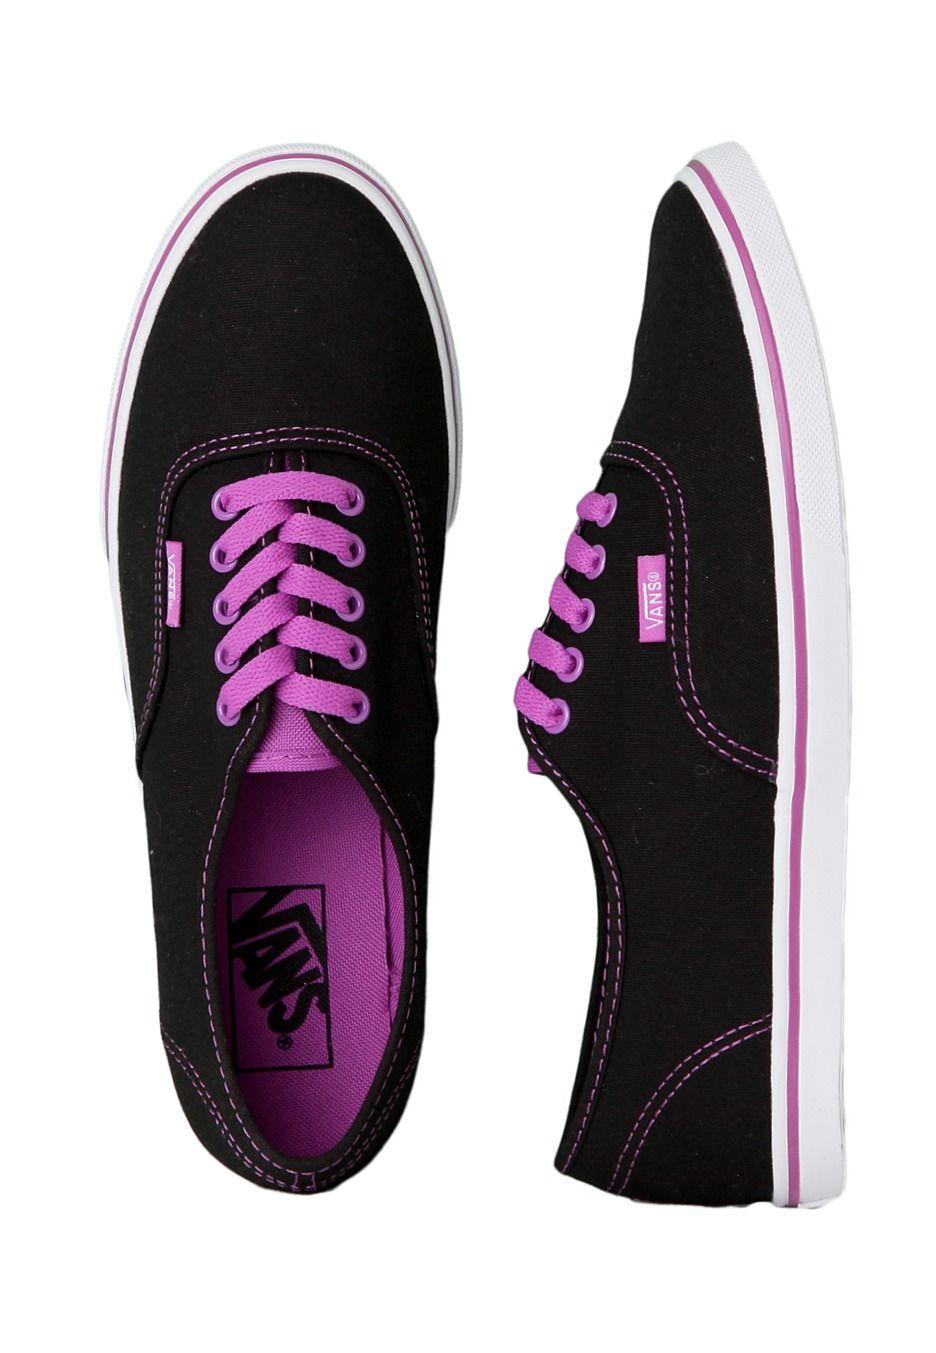 Ray Ban Outlet on | Zapatos estampados, Zapatos deportivos